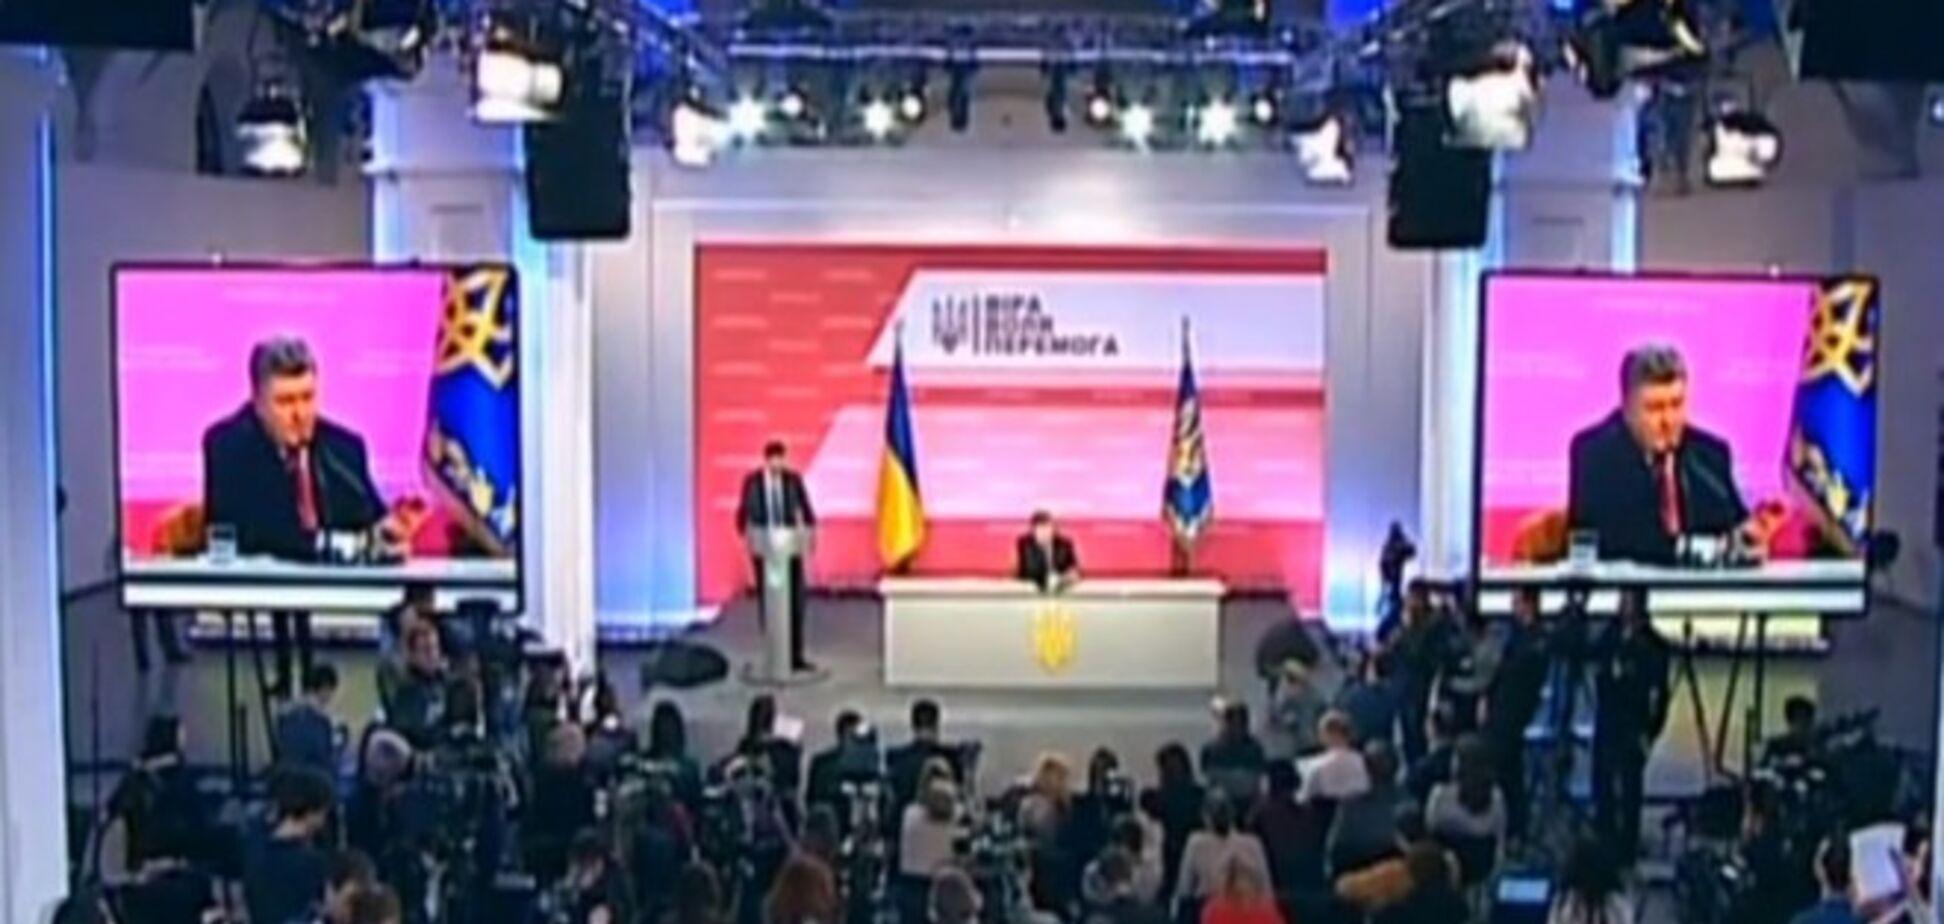 Україна почала імпорт електроенергії з Росії - Порошенко